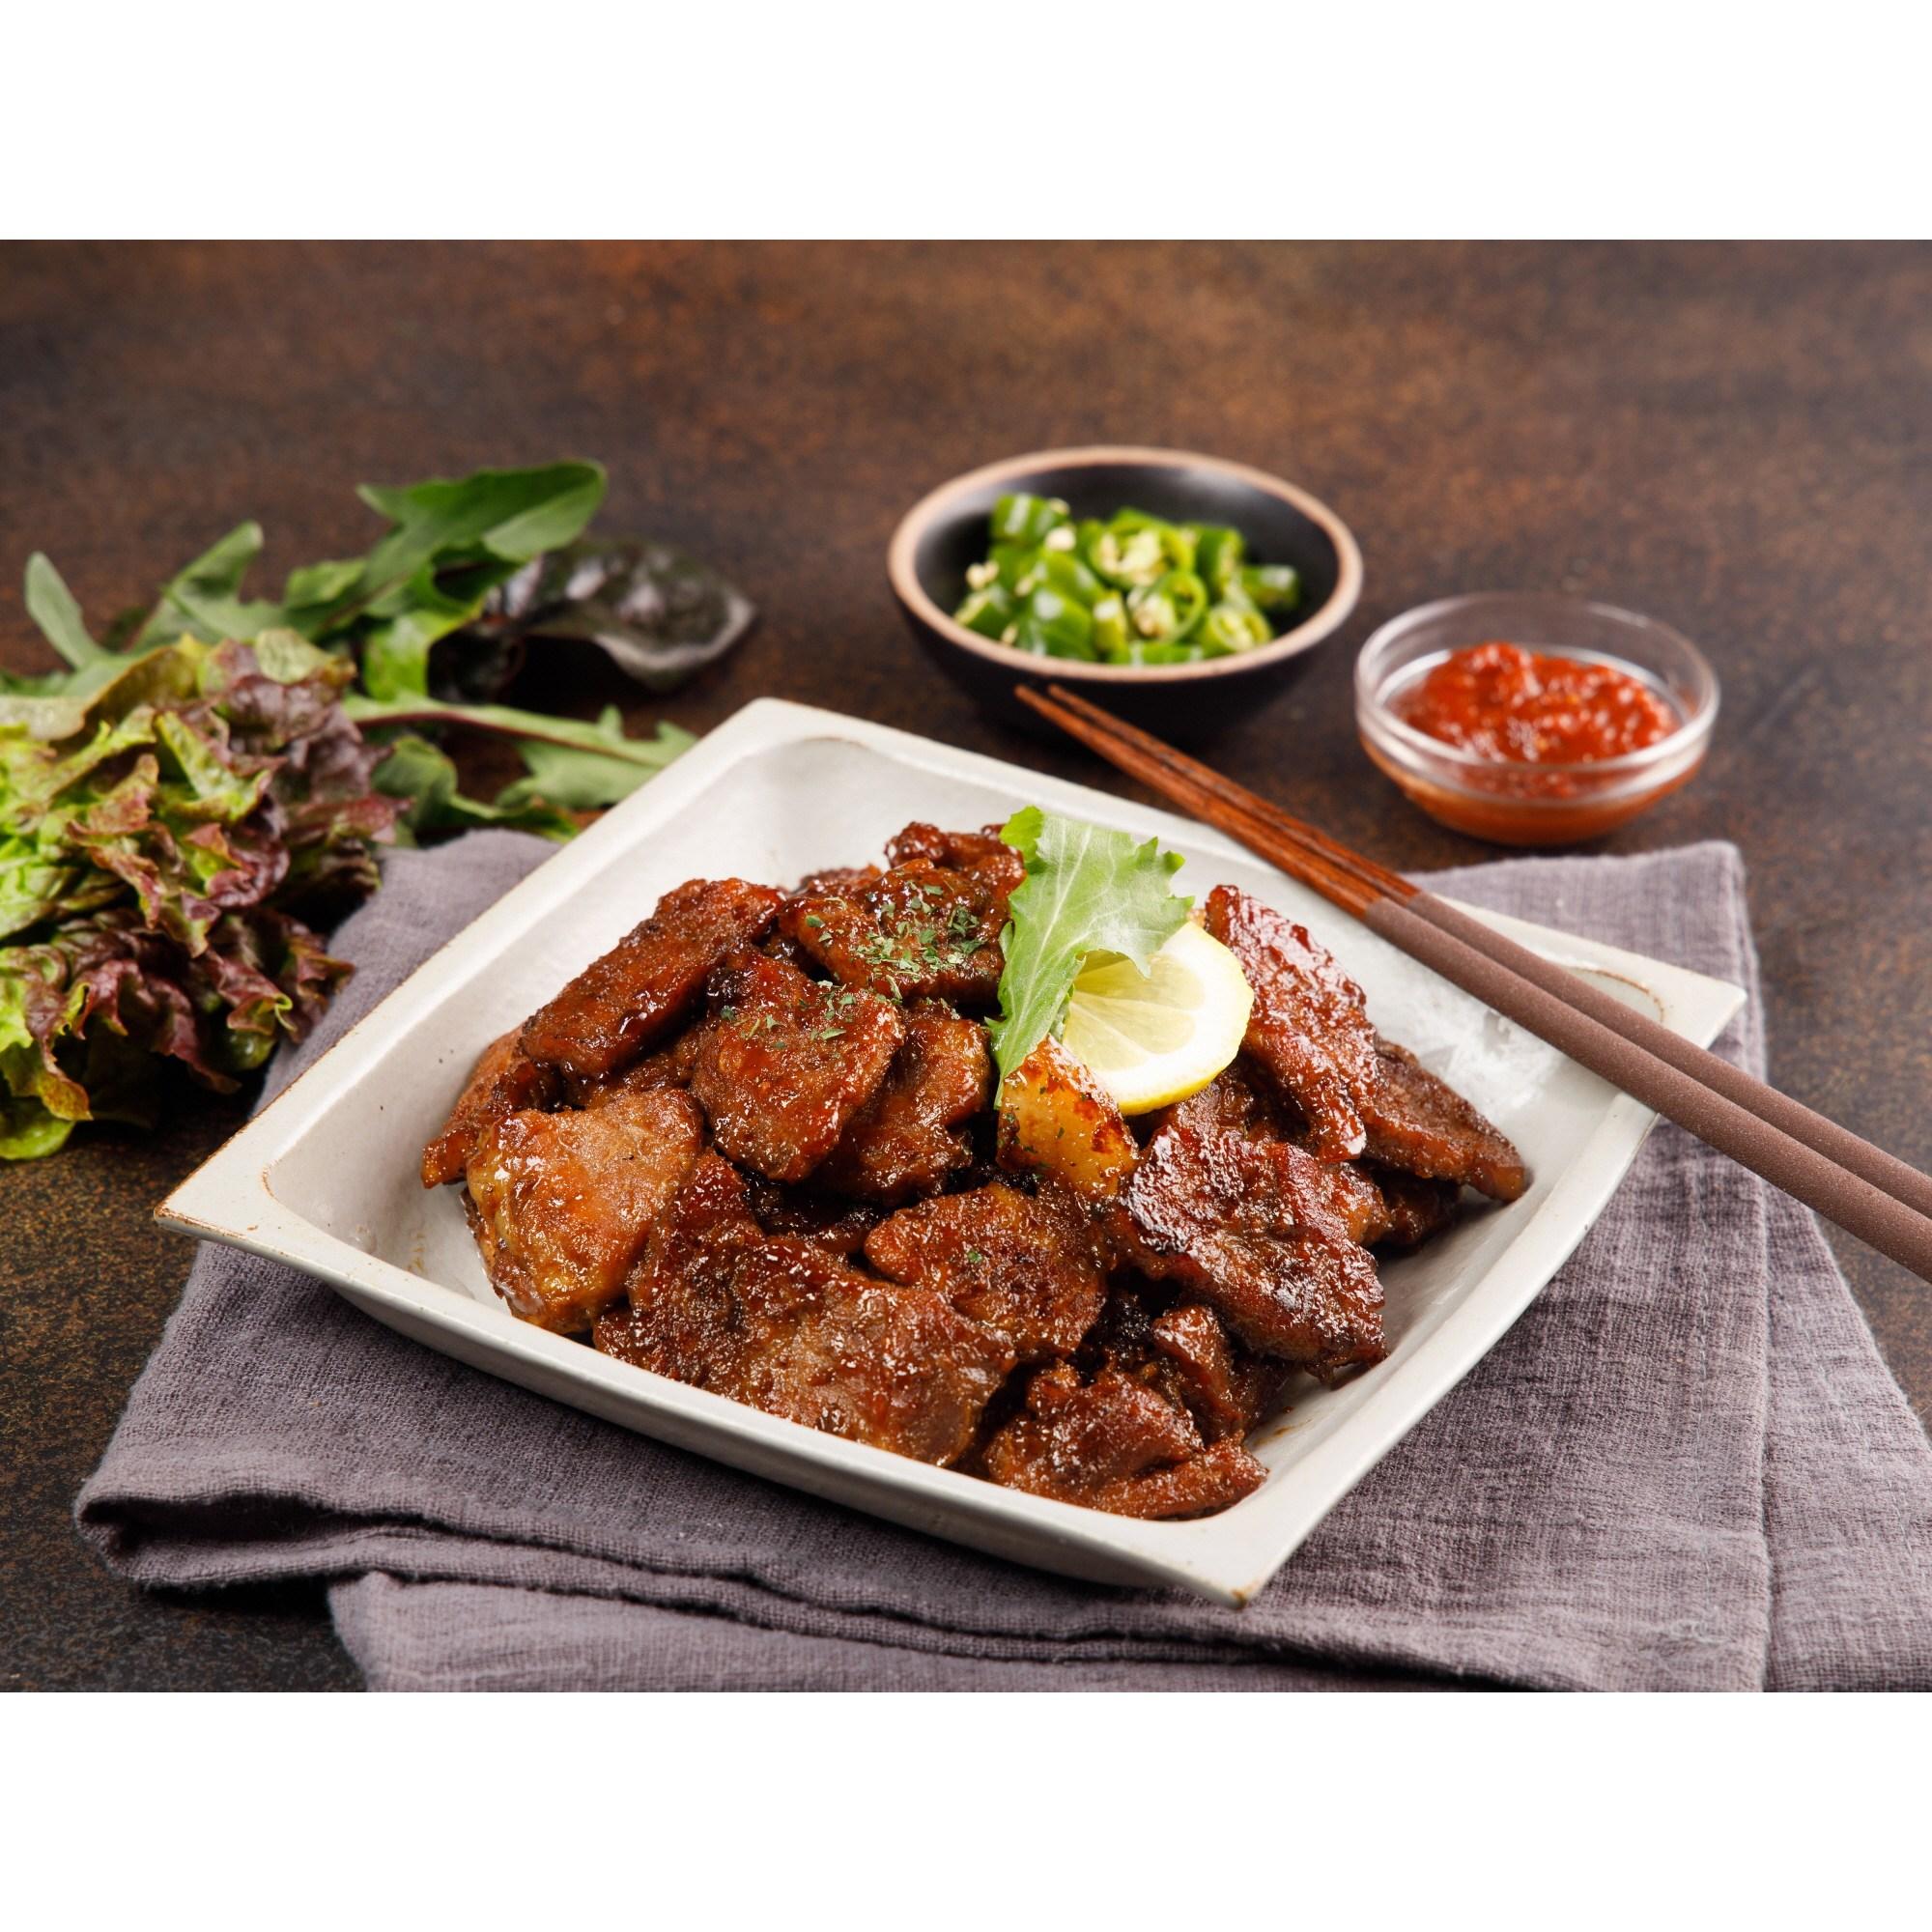 꿀맛나는세상 제주 흑돼지 숯불 왕구이, 3팩, 300g